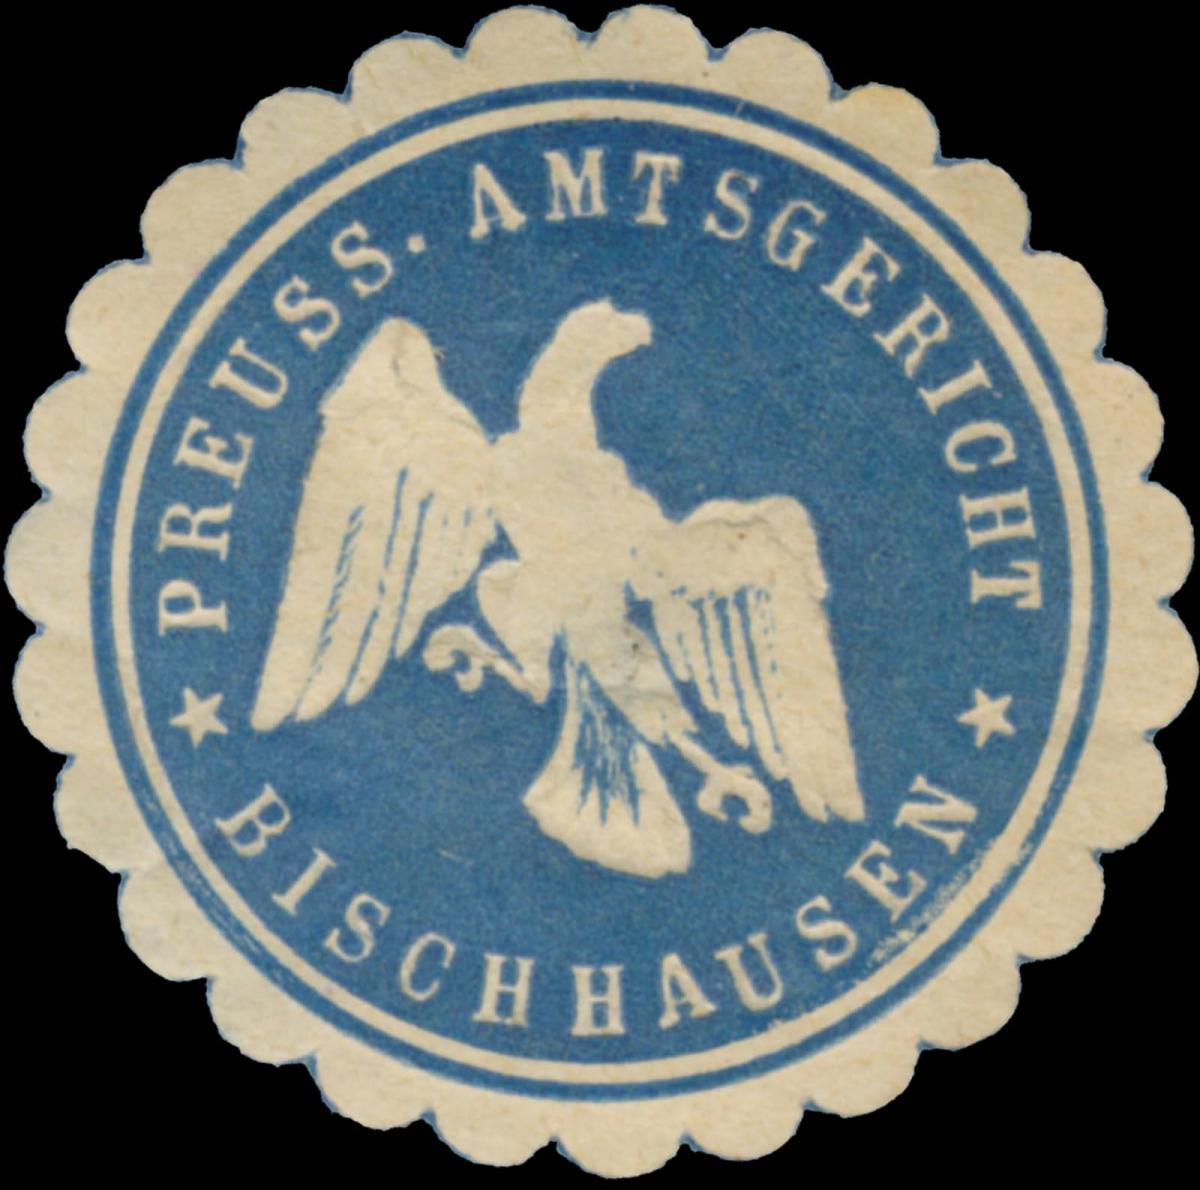 Pr. Amtsgericht Bischhausen